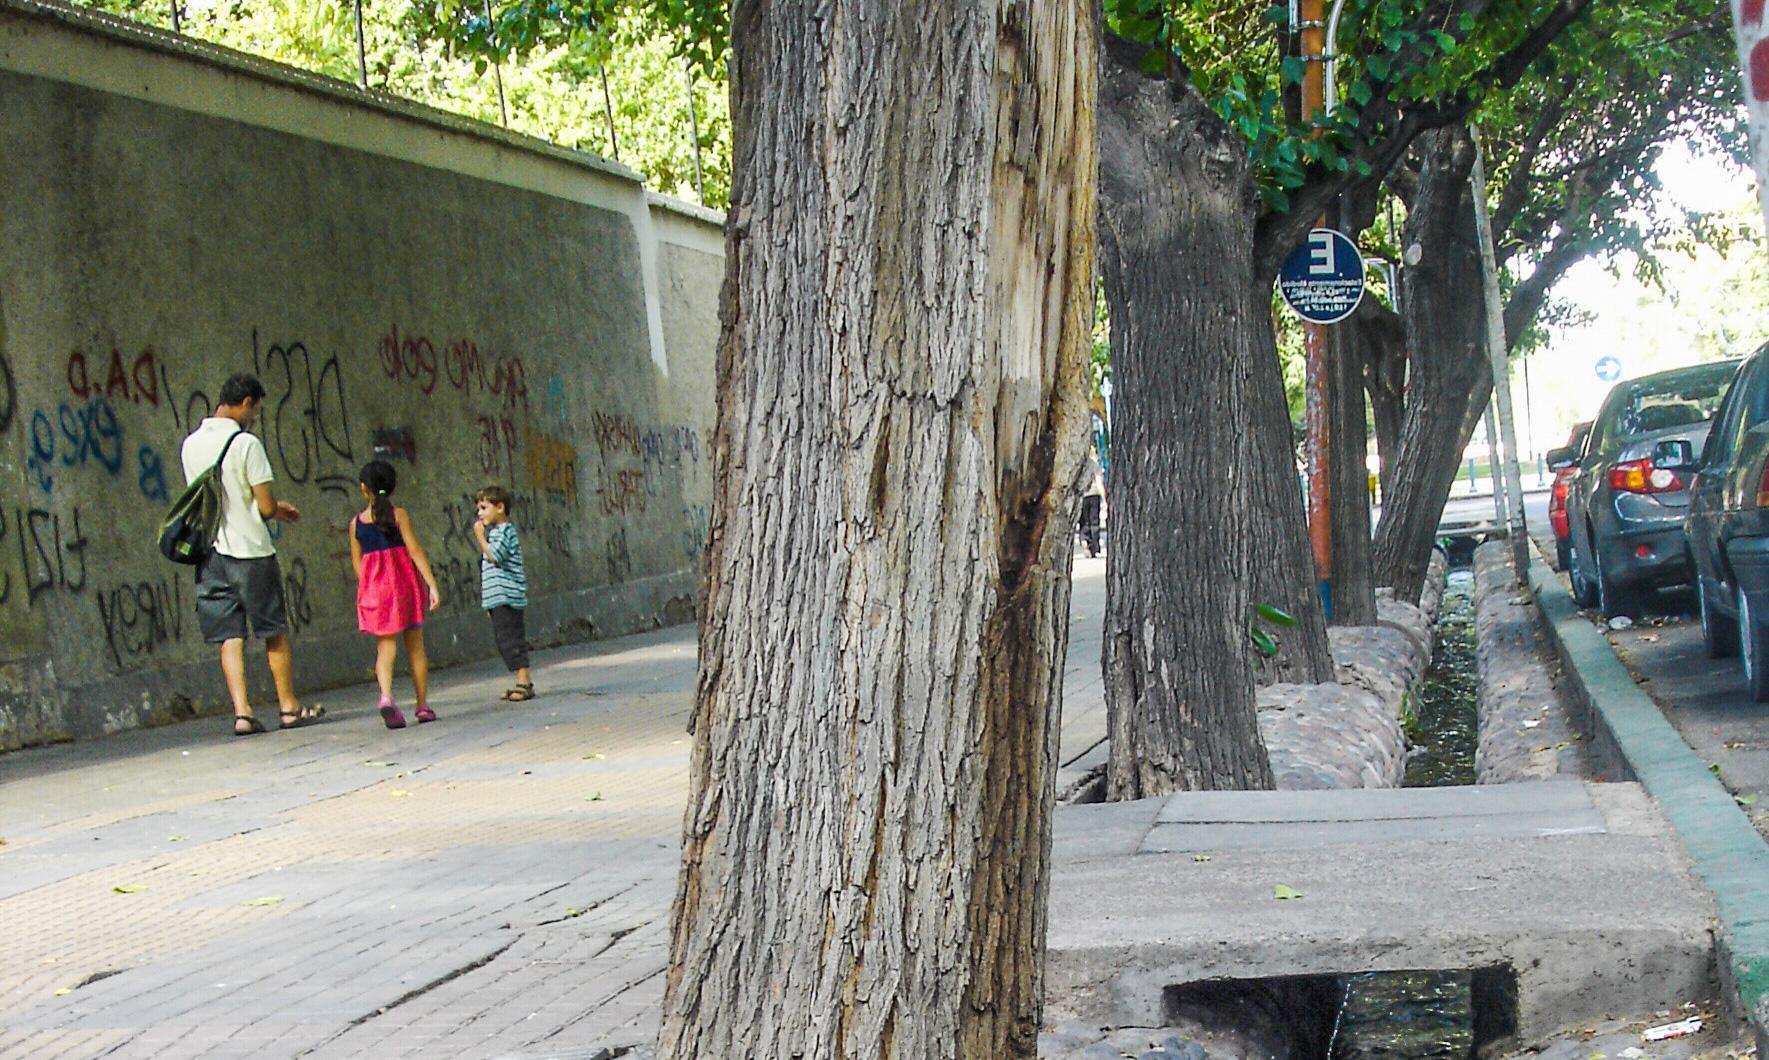 Canais de irrigação nas ruas de Mendoza.